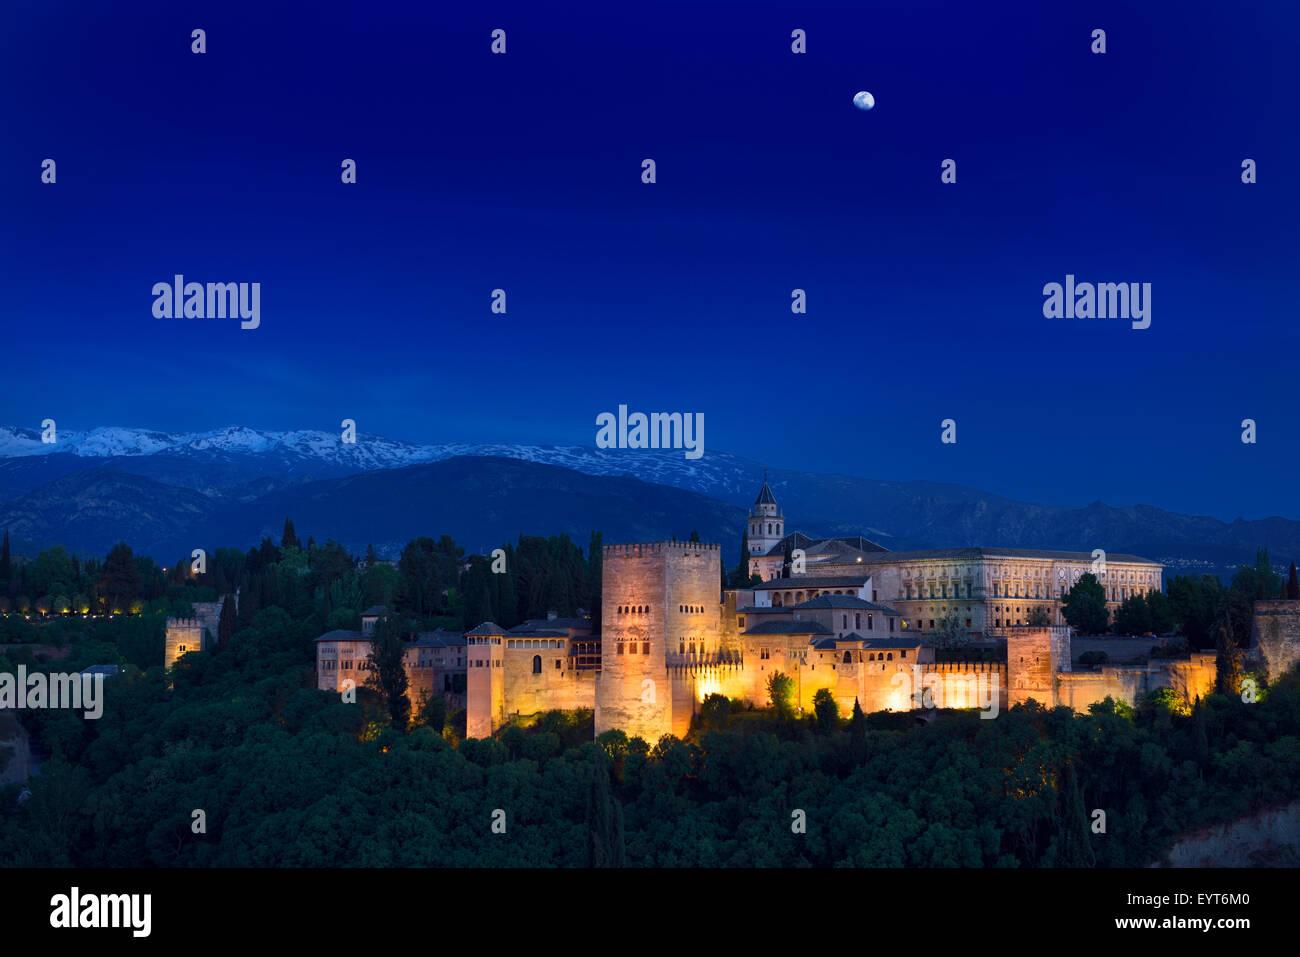 Mondaufgang über beleuchtete Hügel Burganlage Alhambra-Palast in der Dämmerung Granada mit Schnee Stockbild